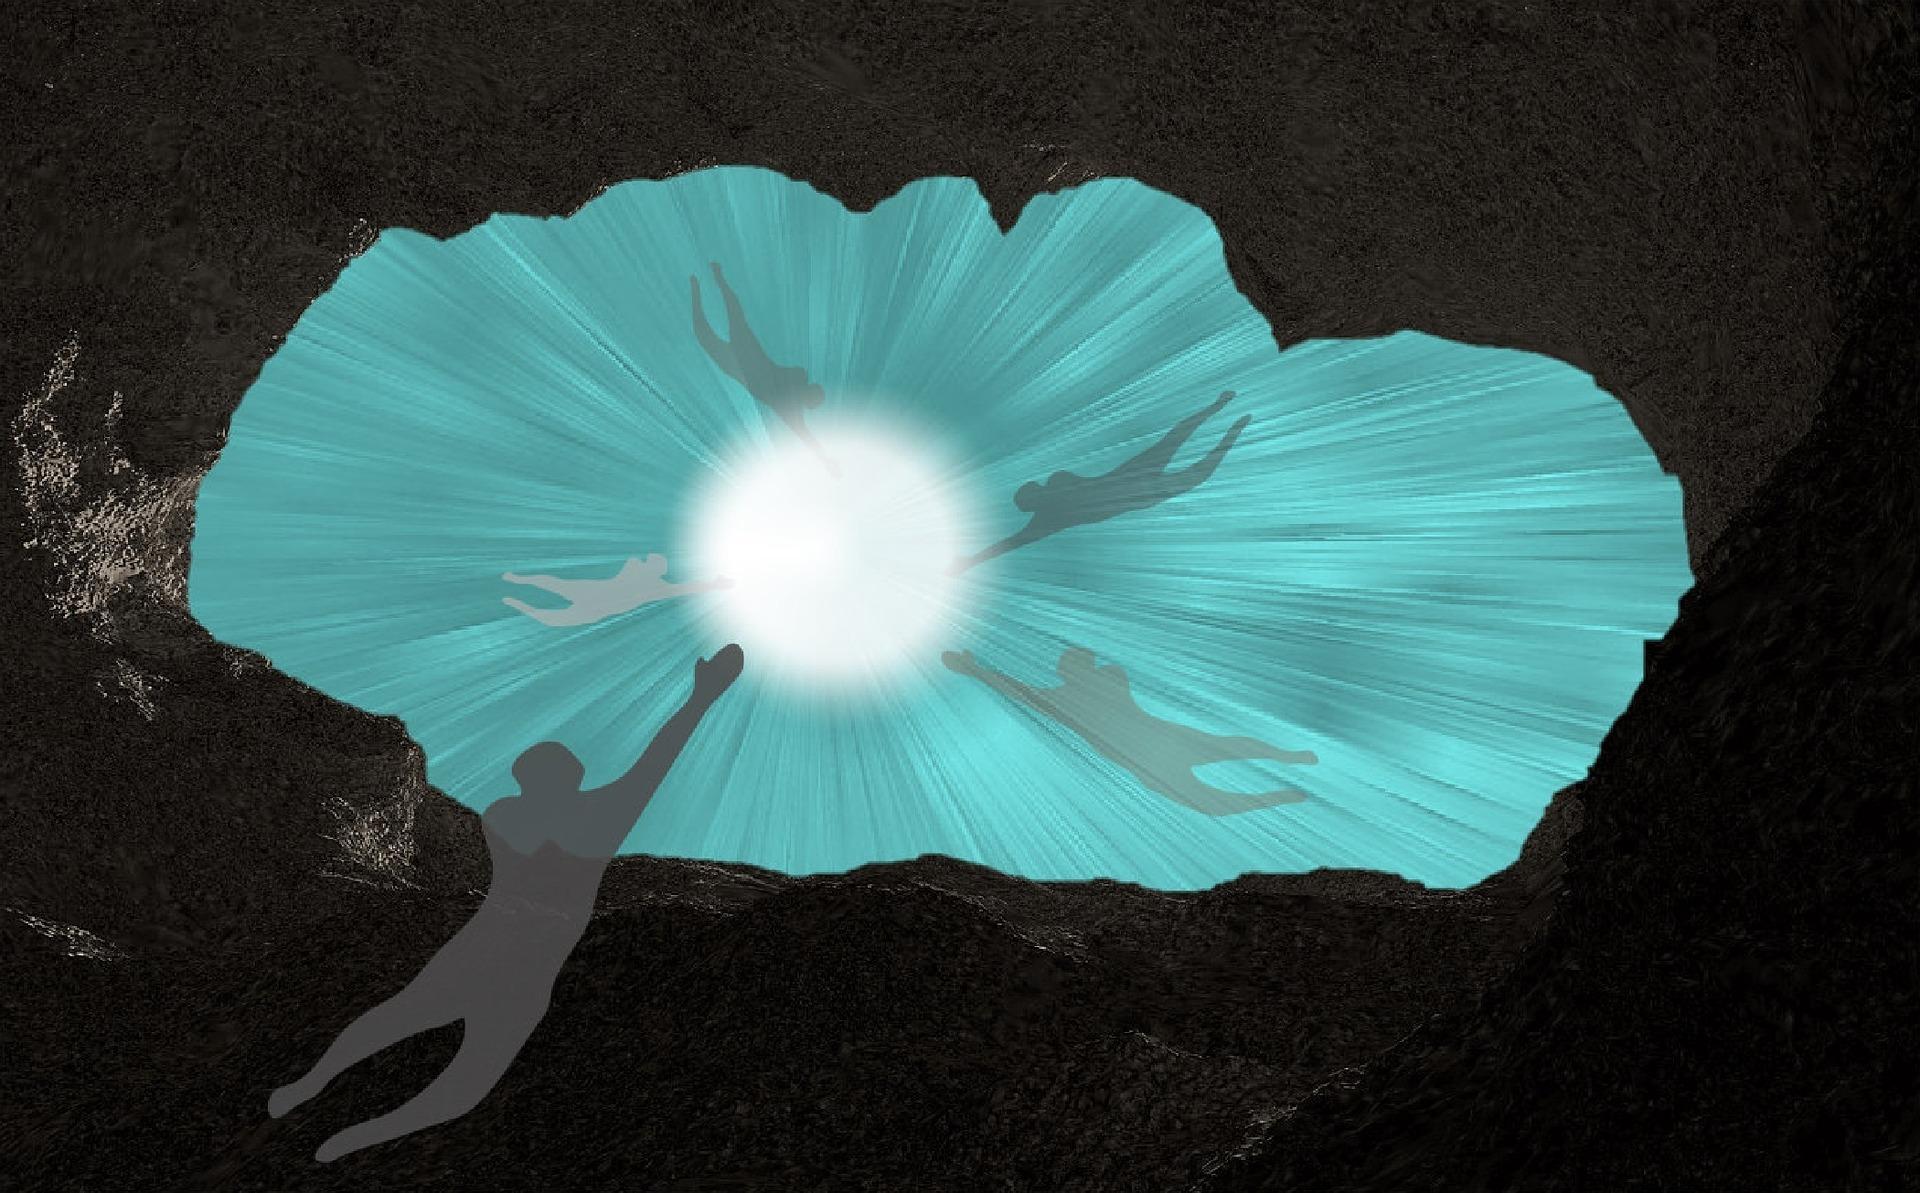 Blog : आत्मा के शरीर में प्रवेश, गर्भाधान एवं पुनर्जन्म के कुछ तथ्य !